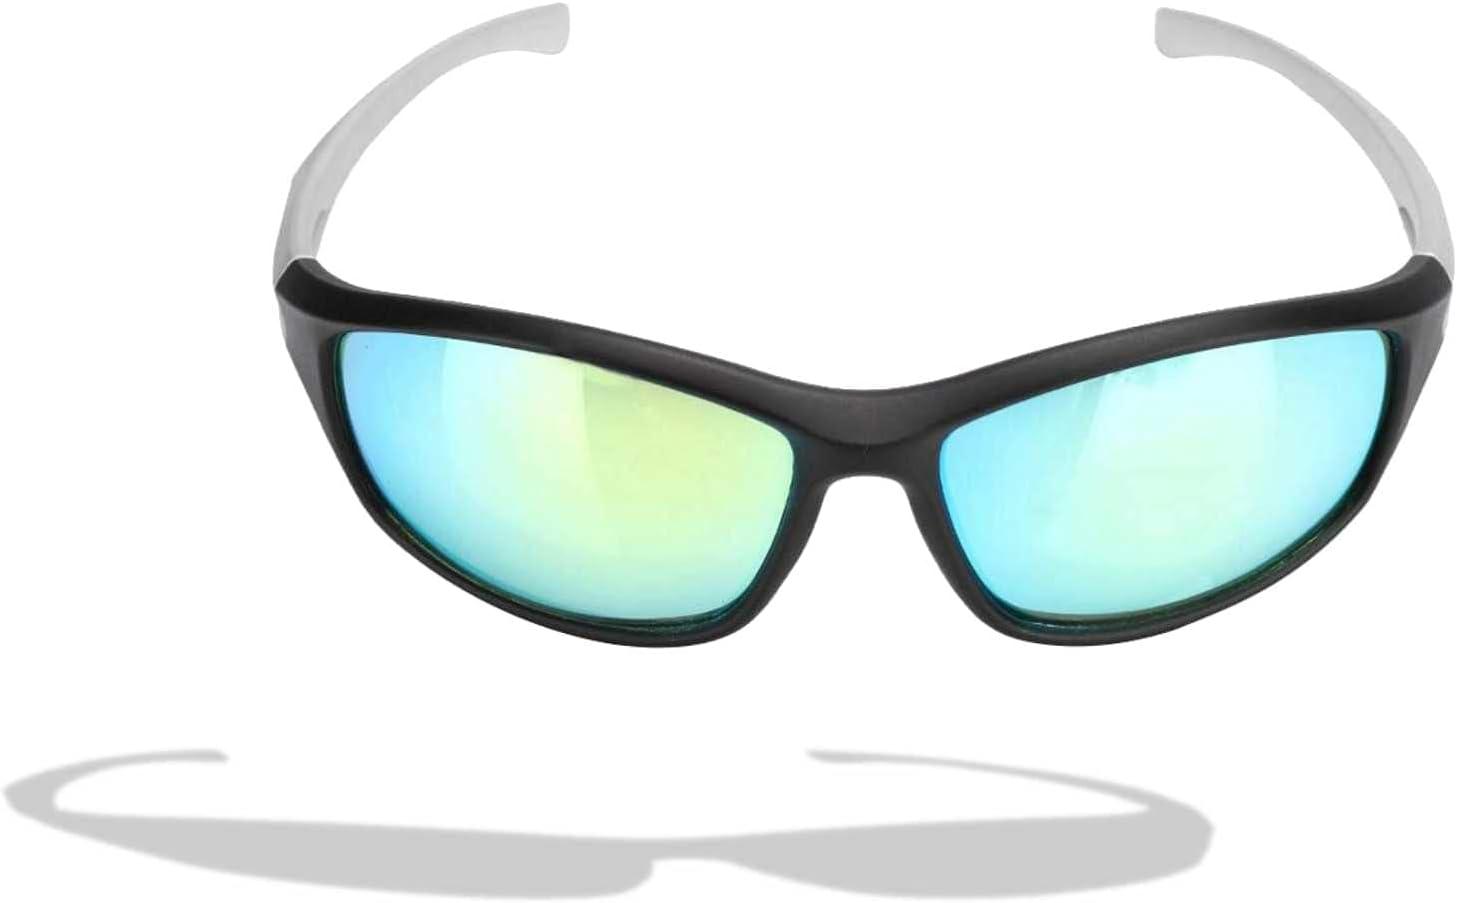 Grow Light Glasses, Garden Helper Interior Hydroponics LED Grow Room Gafas, con corrección de color, Gafas protectoras de seguridad, para LED Grow Light Rooms